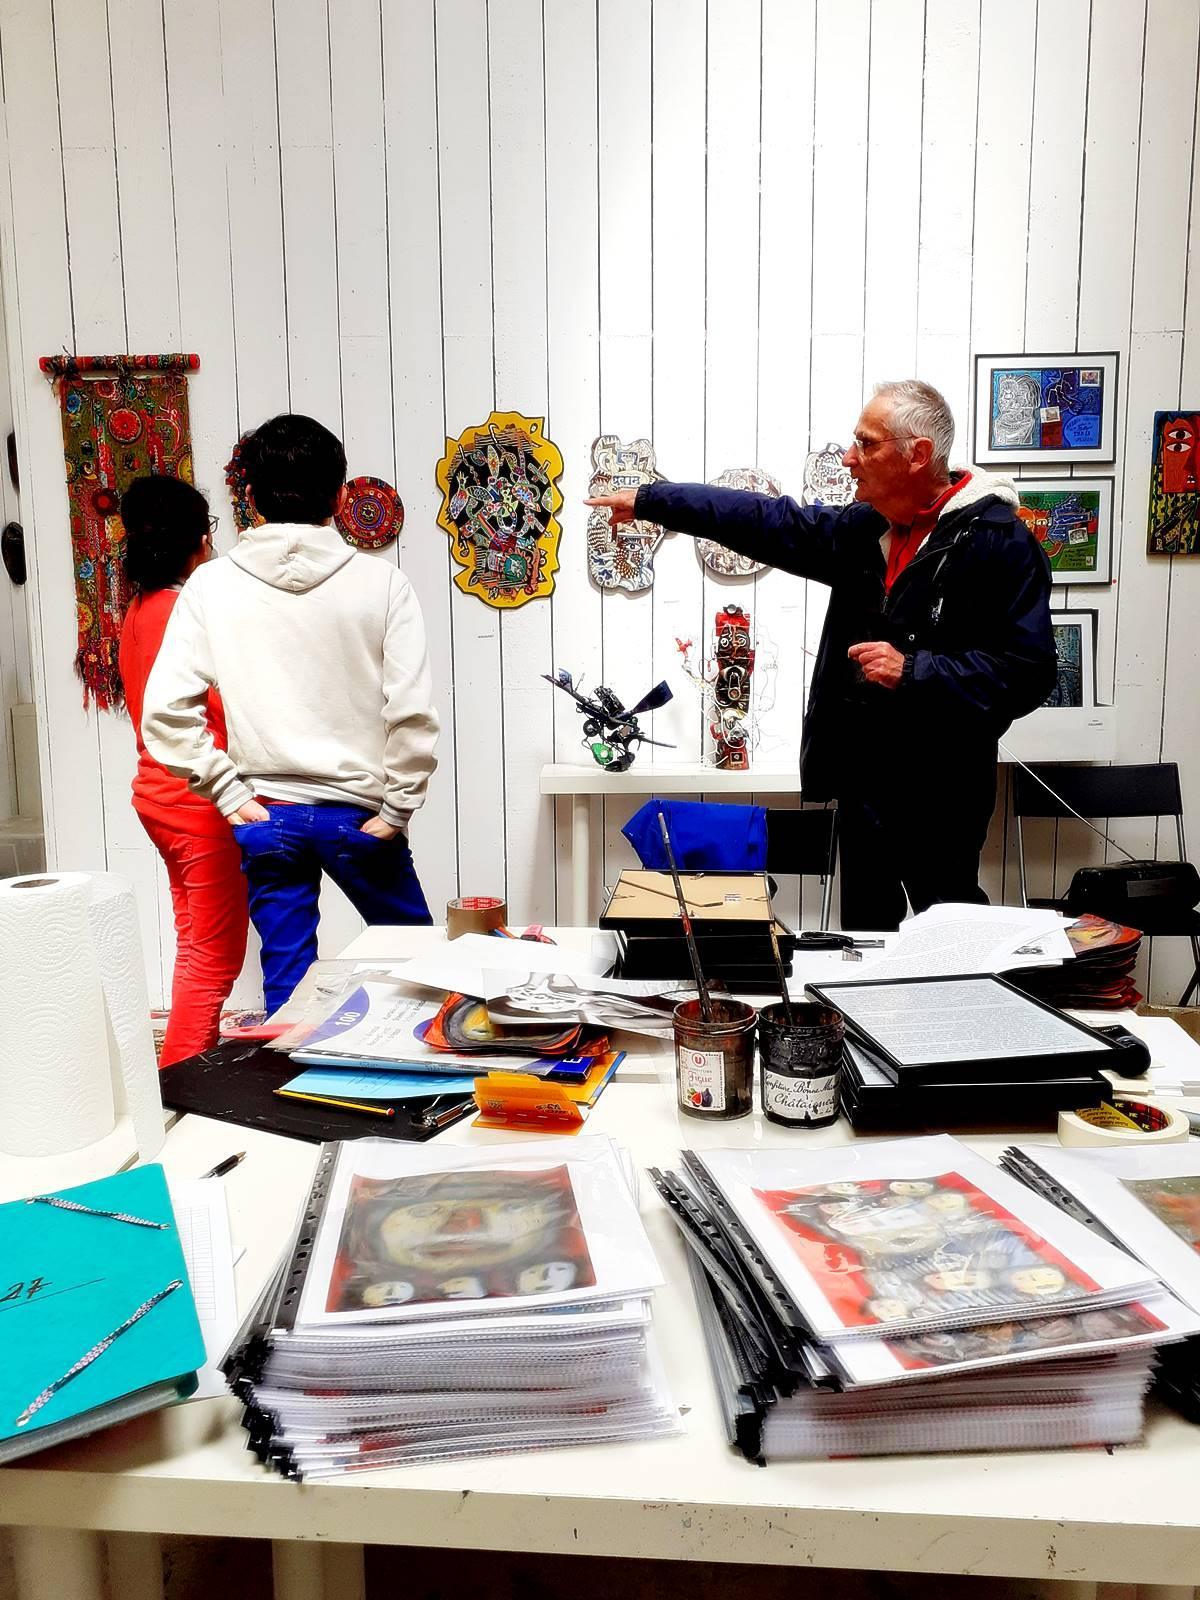 Hang art saffre loire atlantique musee20200613 122219